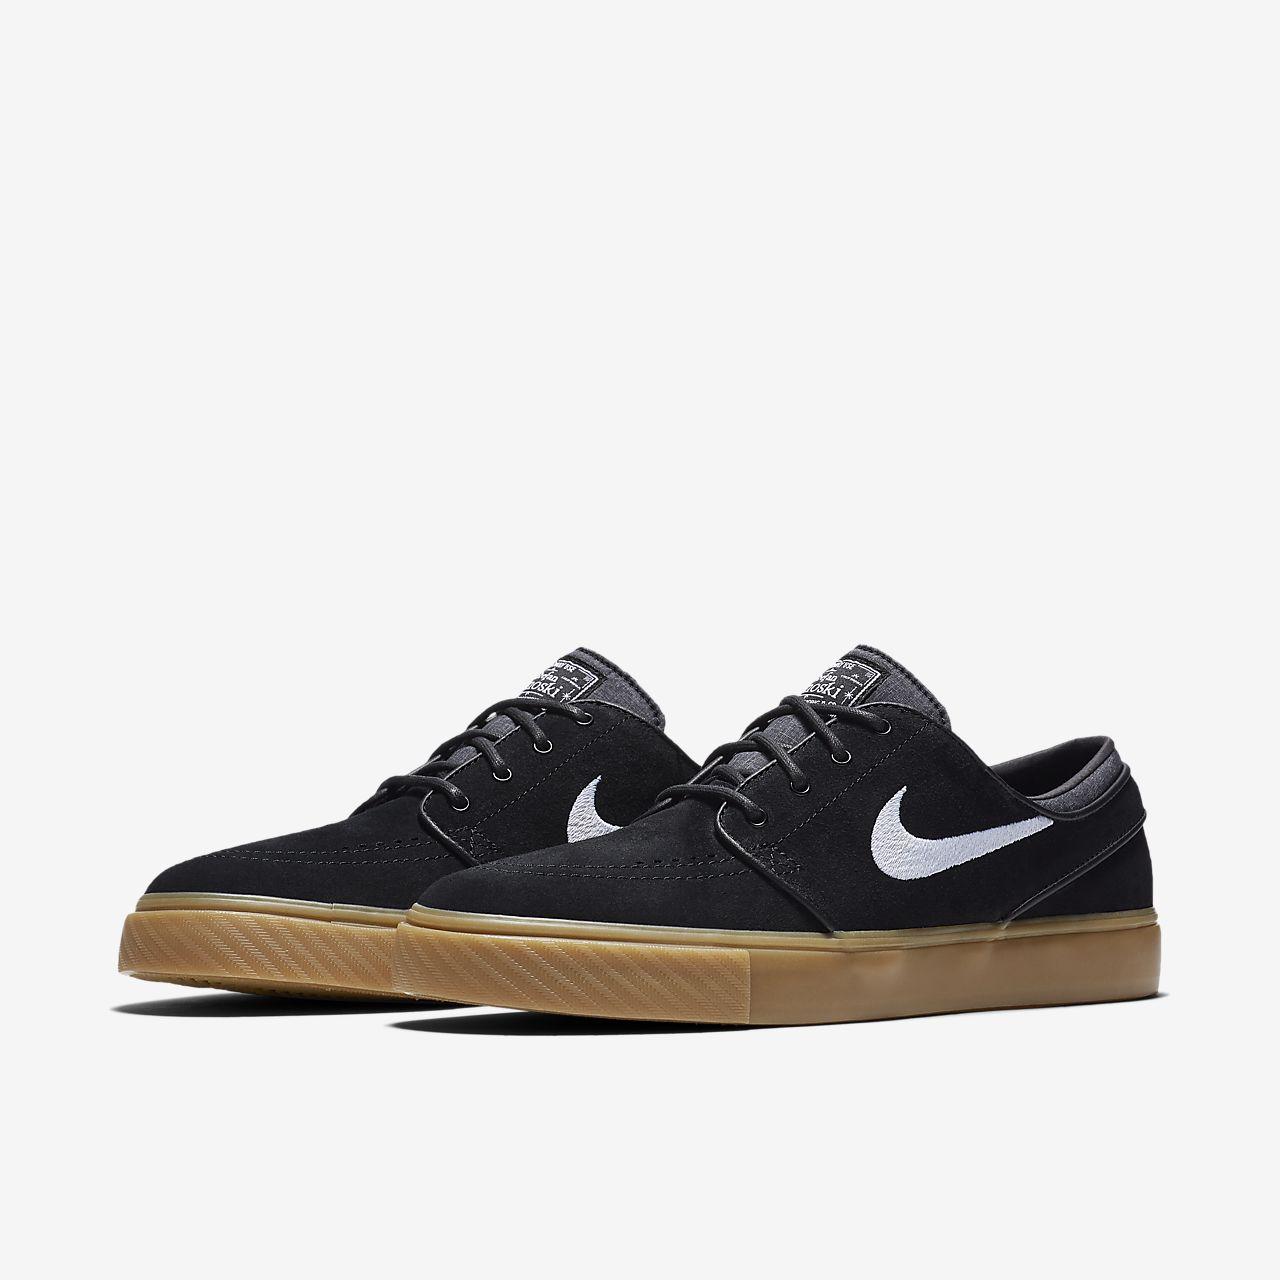 NIKE Uomo Skate Scarpe Skater Scarpe Da Ginnastica Skate shoes sneakers check 018